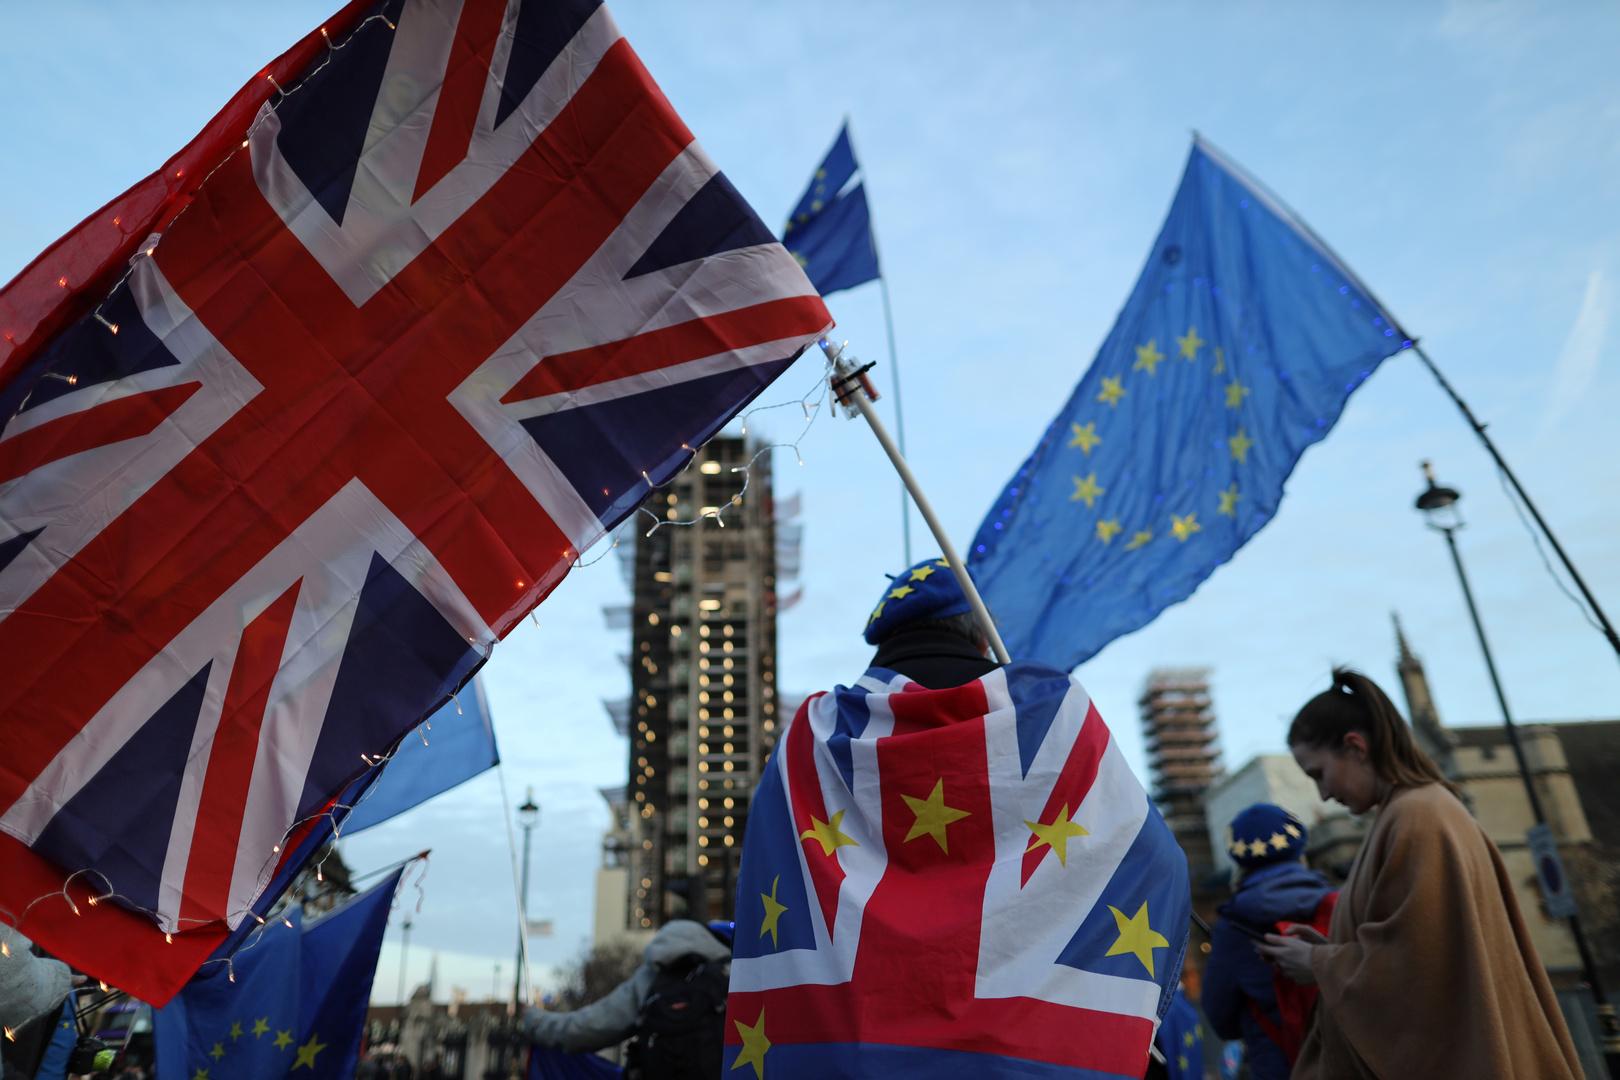 لندن ترفض تمديد مهلة مواطني الاتحاد الأوروبي لتمديد الإقامة